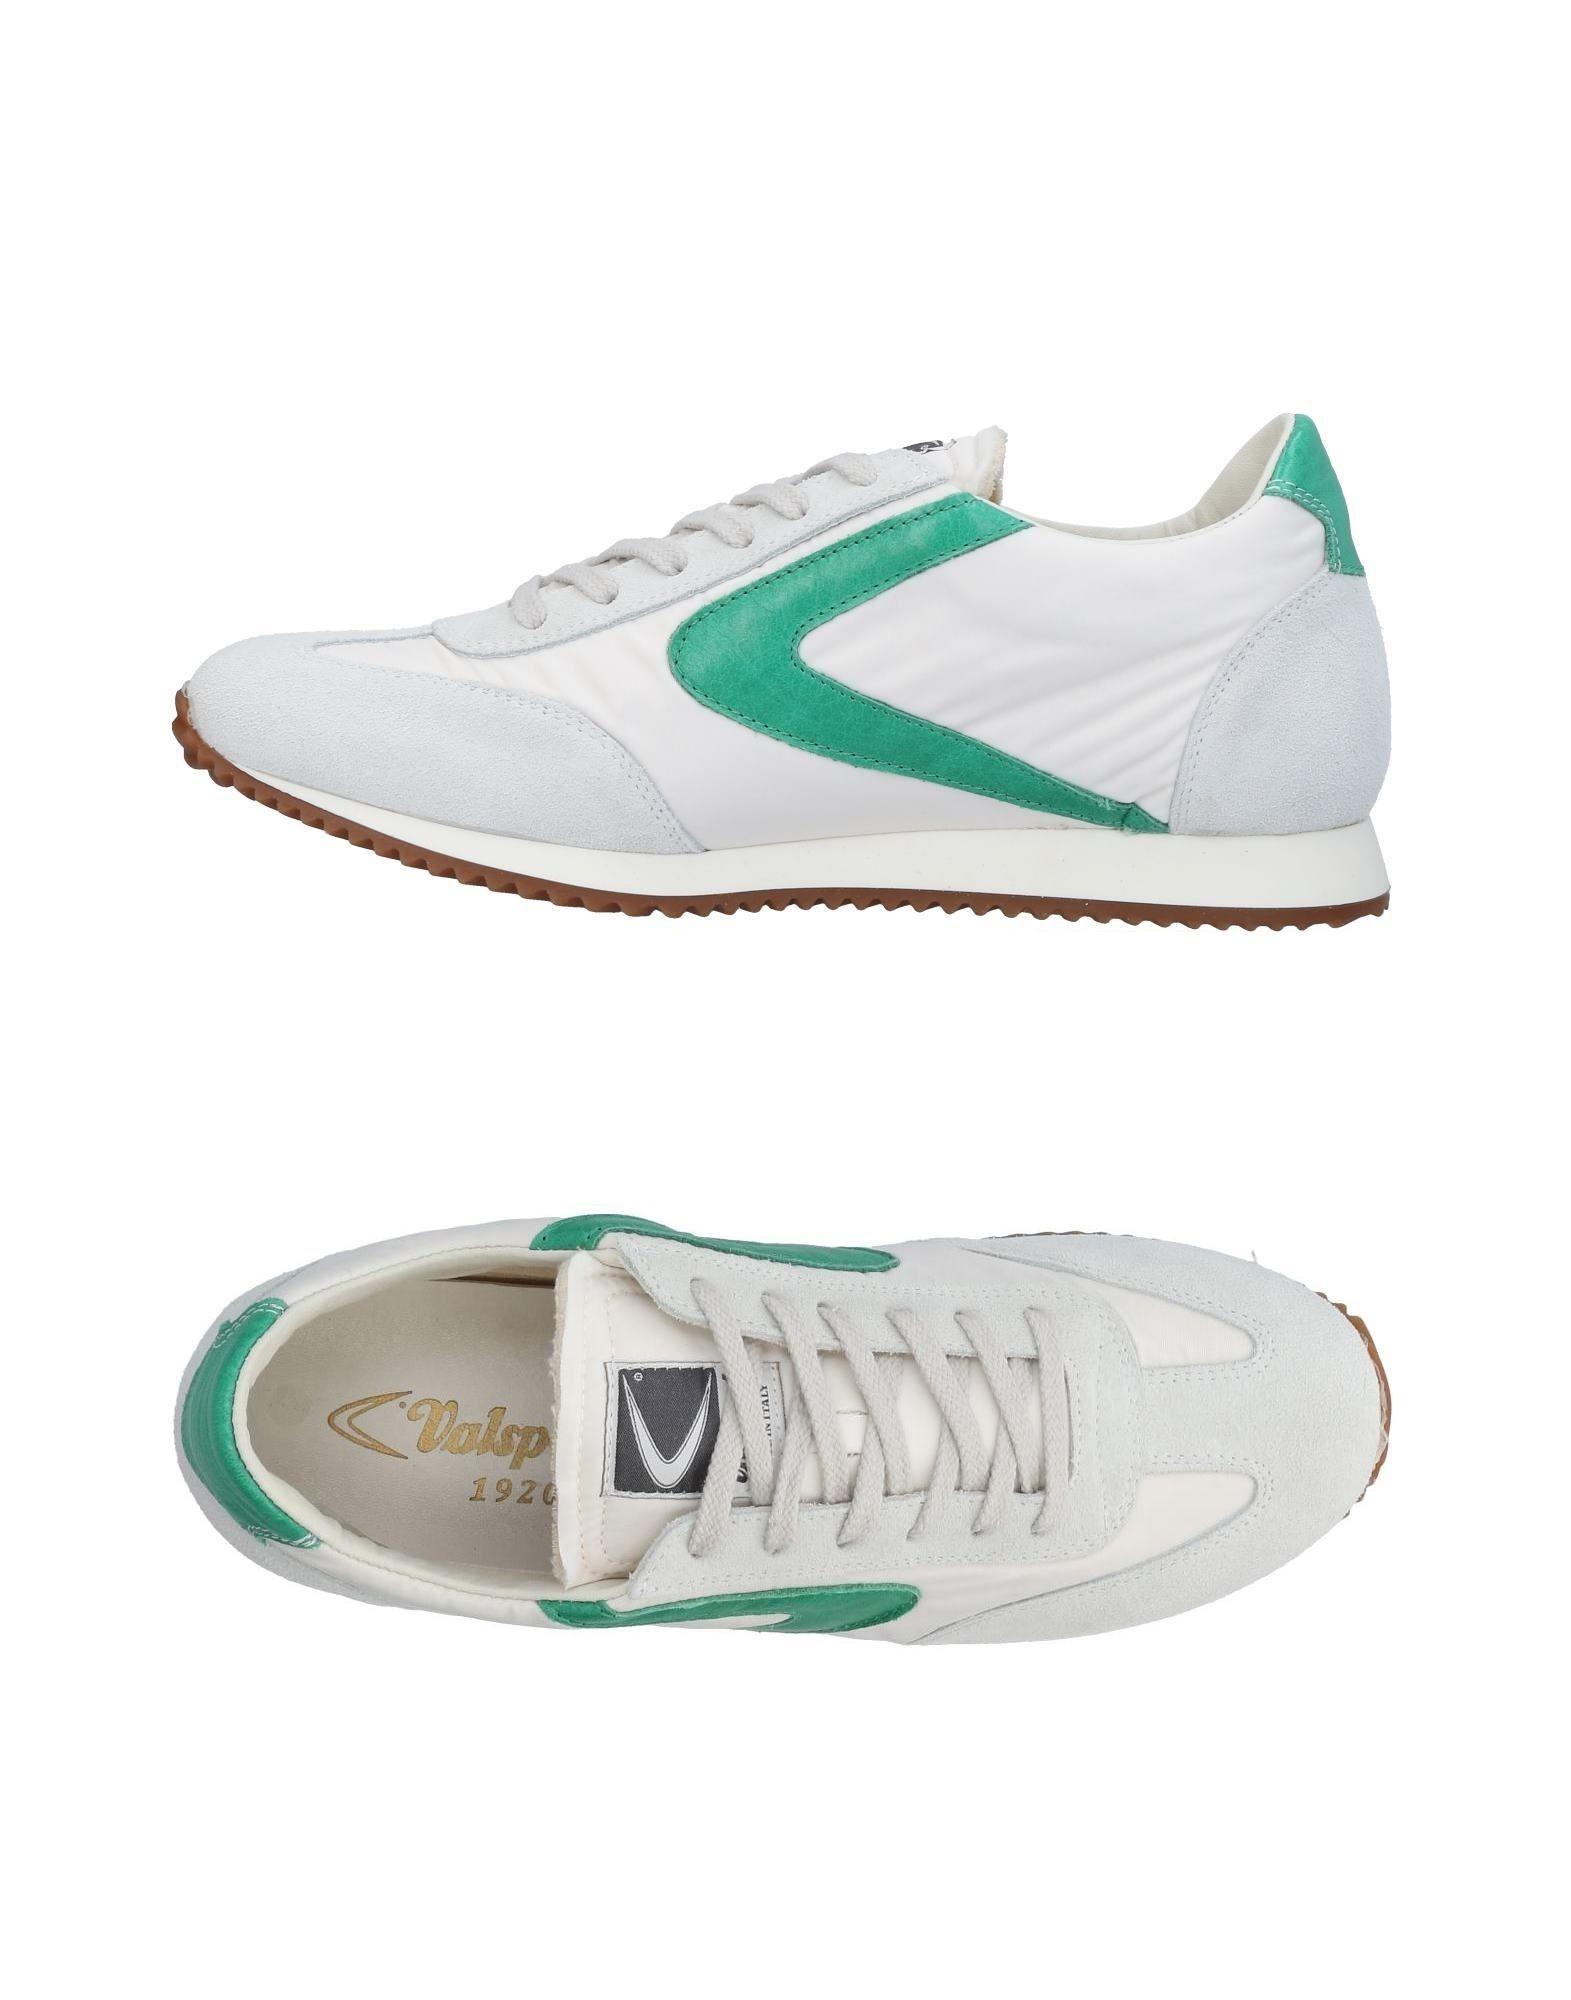 《送料無料》VALSPORT メンズ スニーカー&テニスシューズ(ローカット) ホワイト 41 革 / 紡績繊維